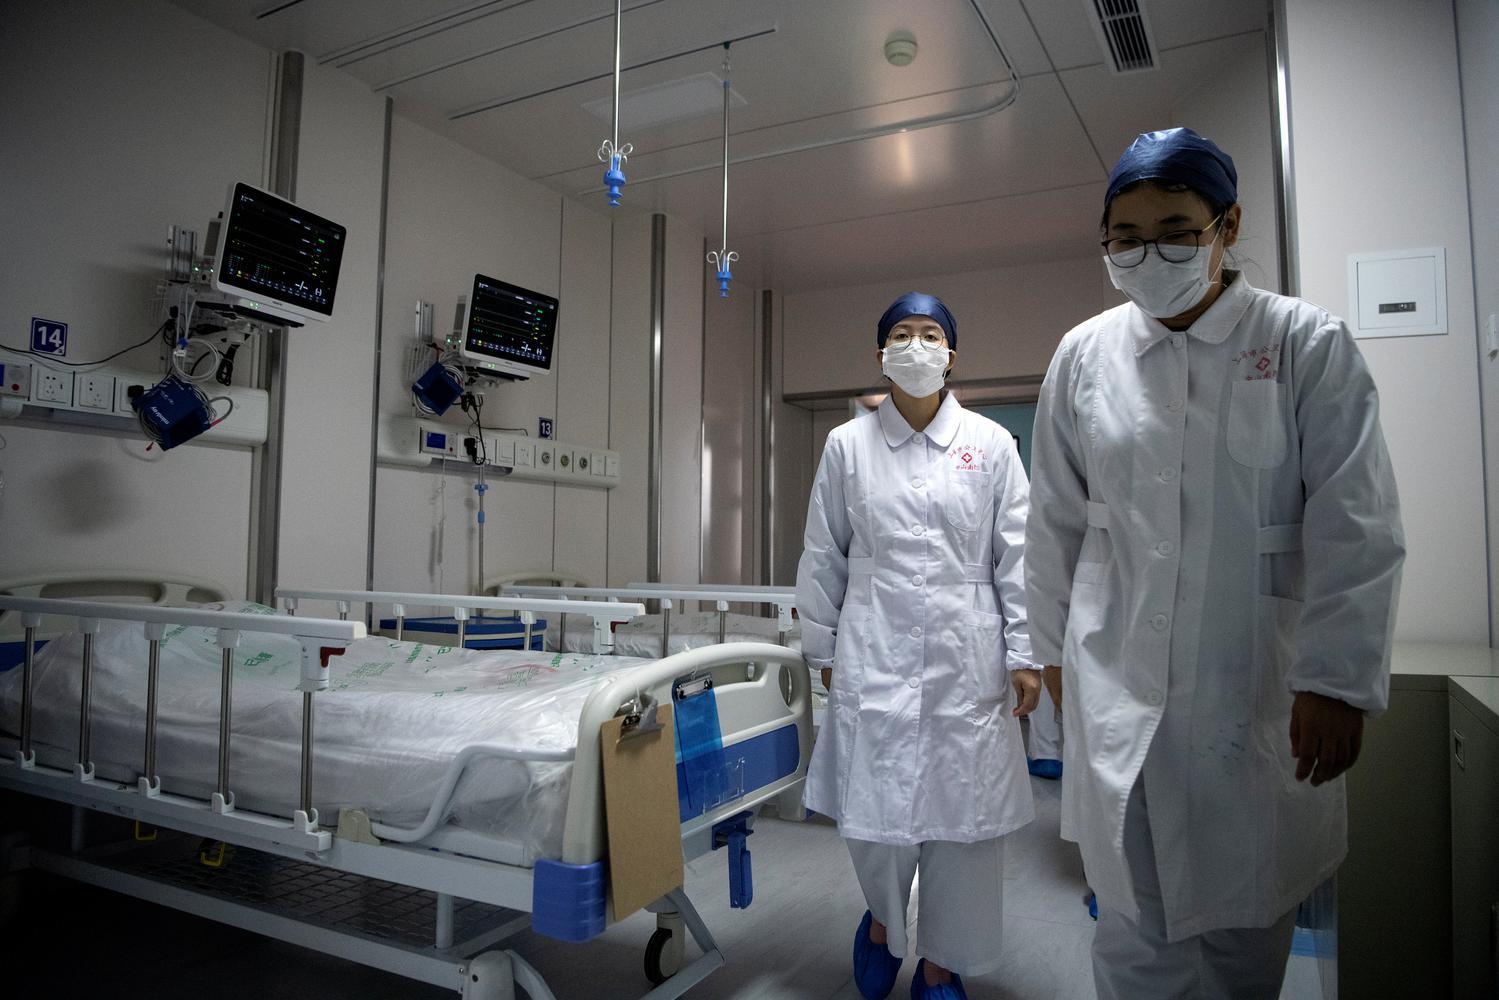 CHINA-HEALTH/HOSPITAL